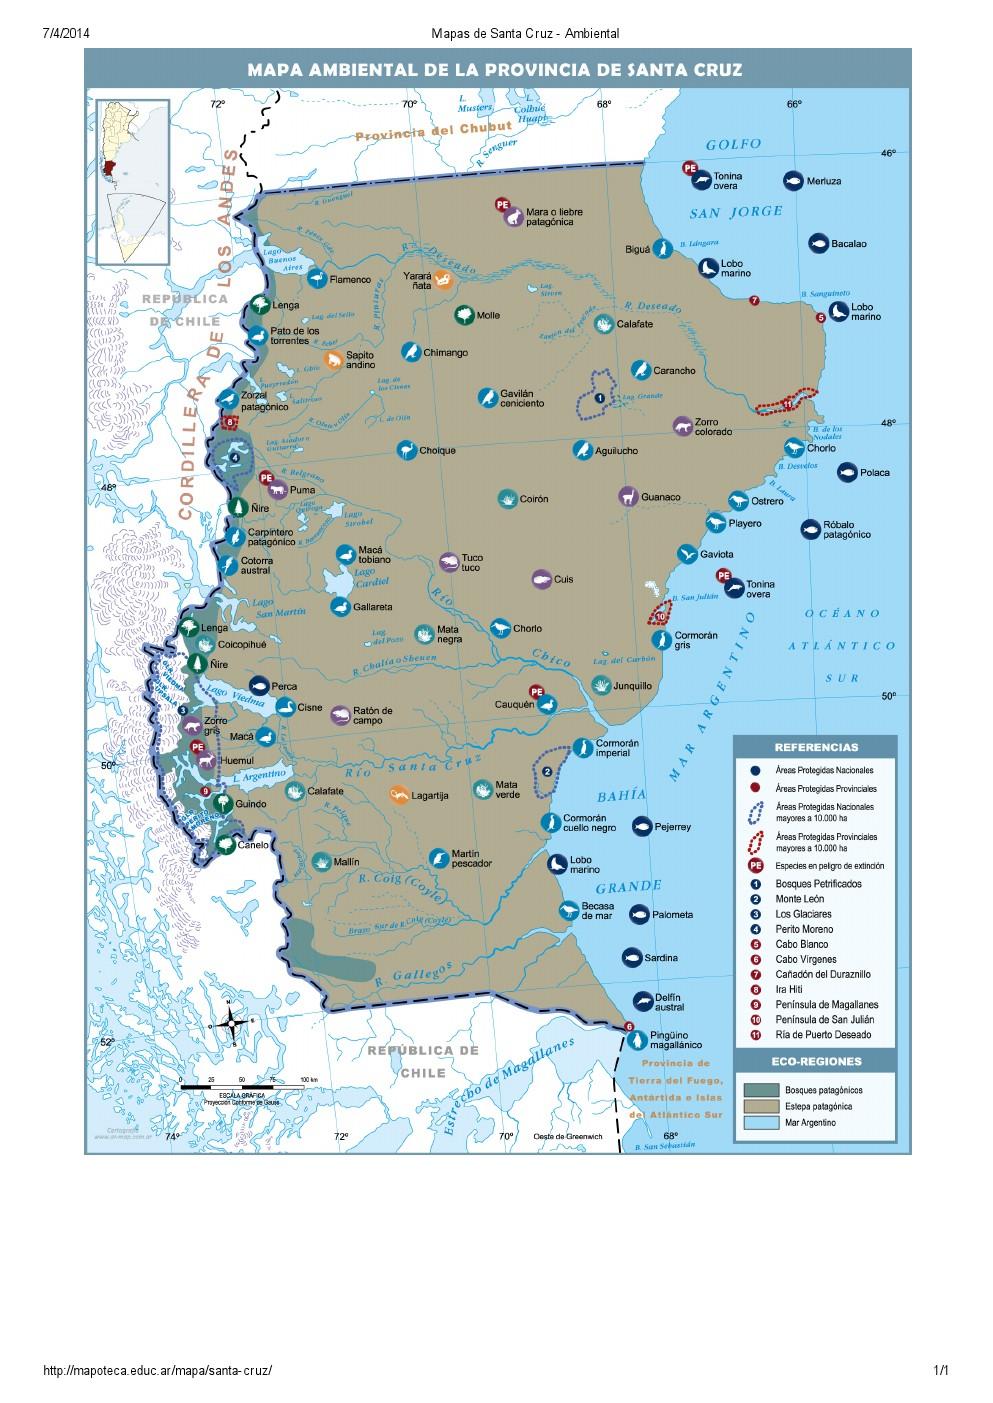 Mapa ambiental de Santa Cruz. Mapoteca de Educ.ar